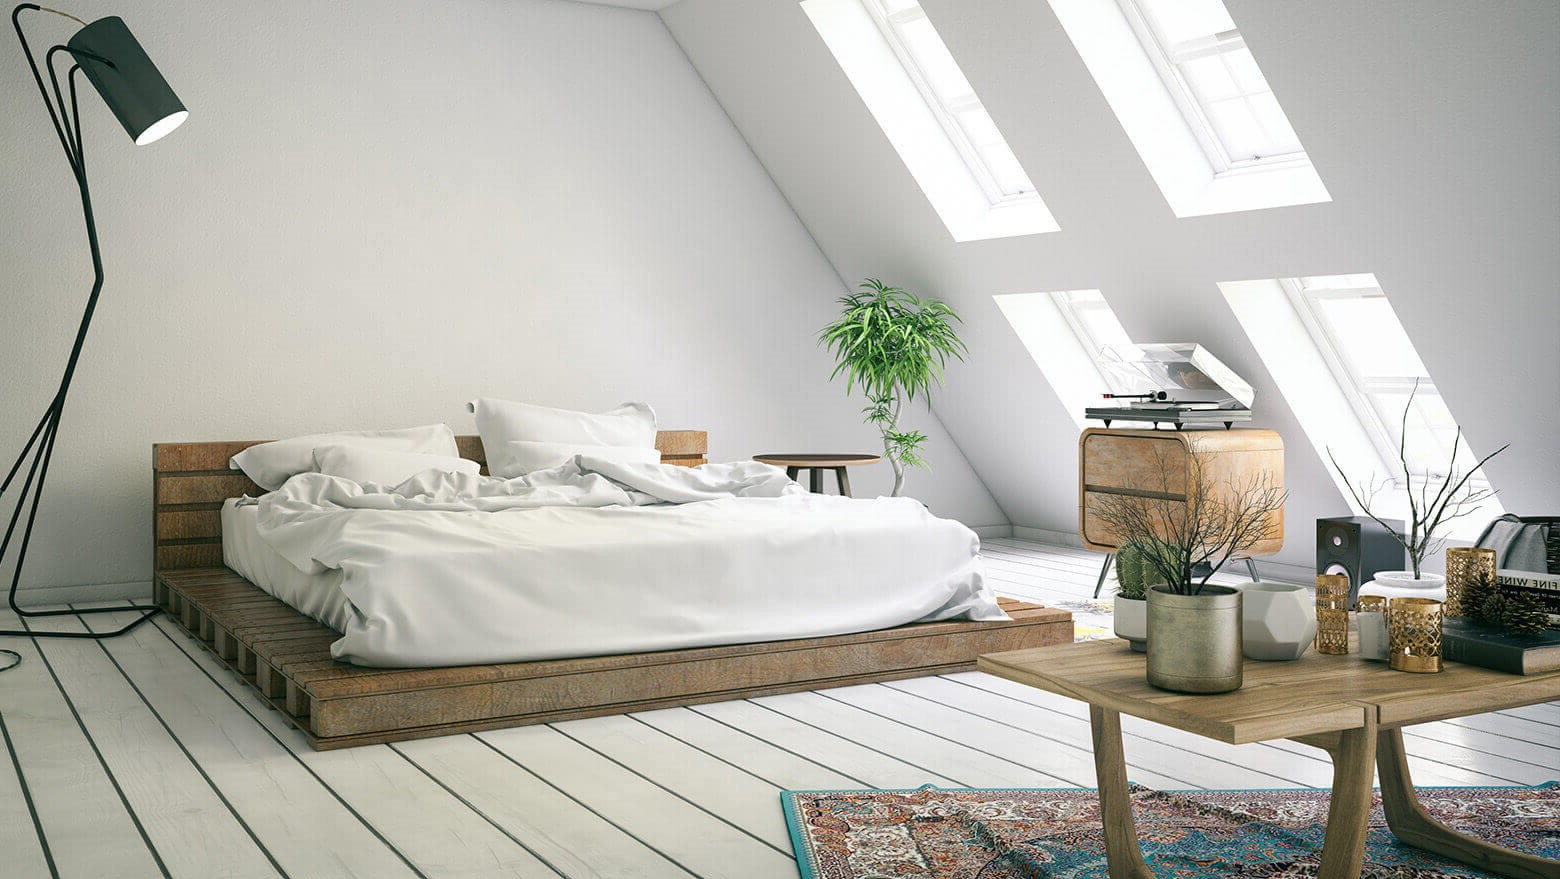 Si vous recherchez un revenu supplémentaire, transformez votre grenier fantôme en mini-maison.